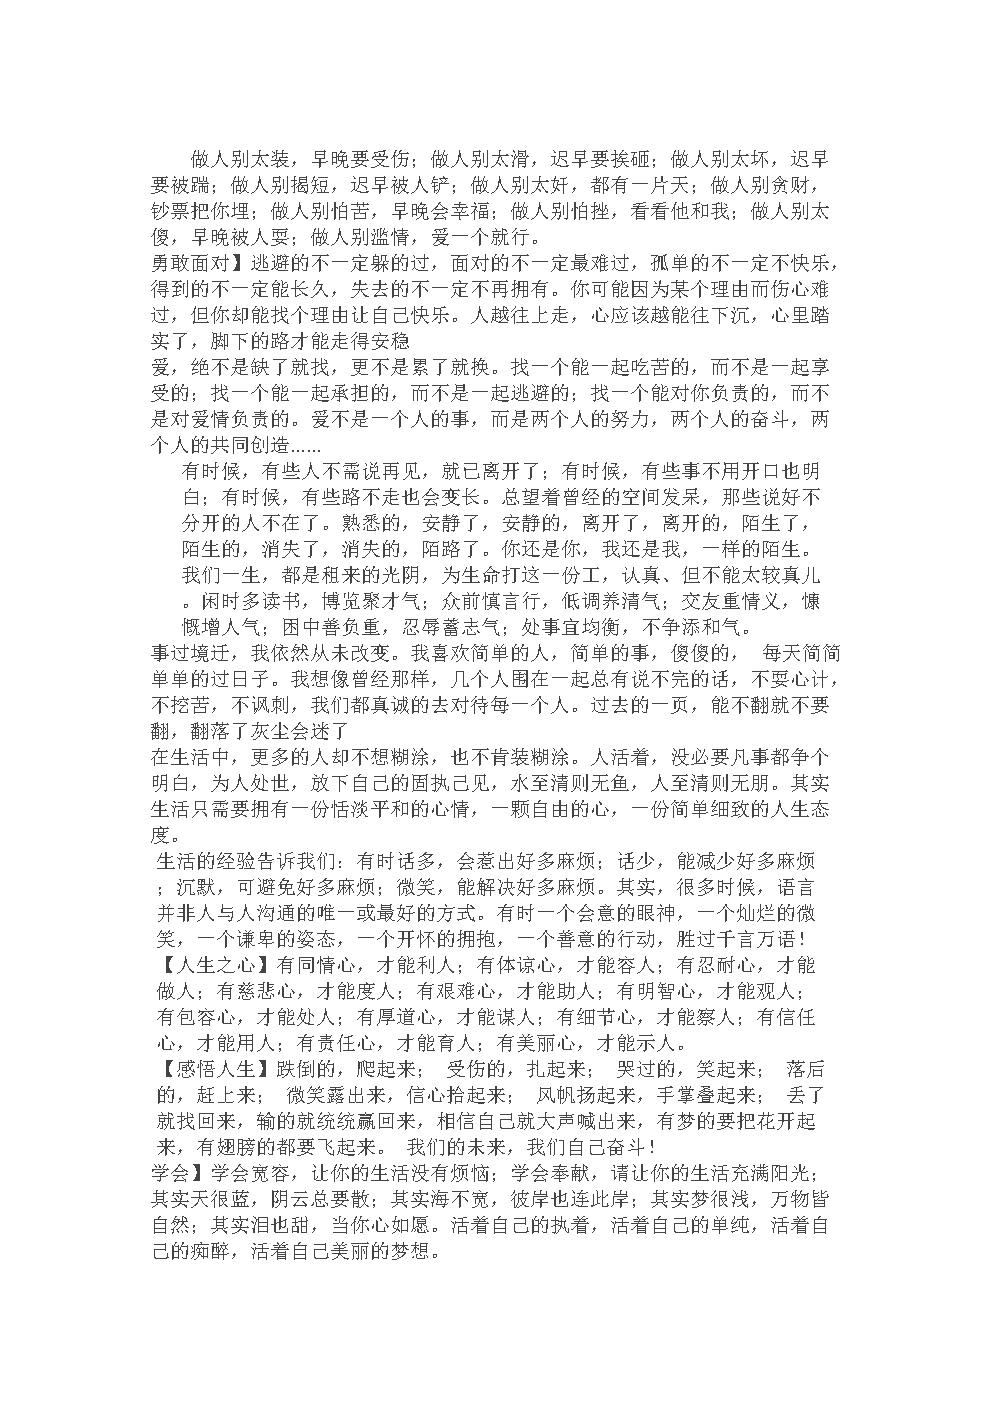 擦干眼泪说再见-熊群(MP3歌词/LRC歌词) lrc歌词下载 第2张